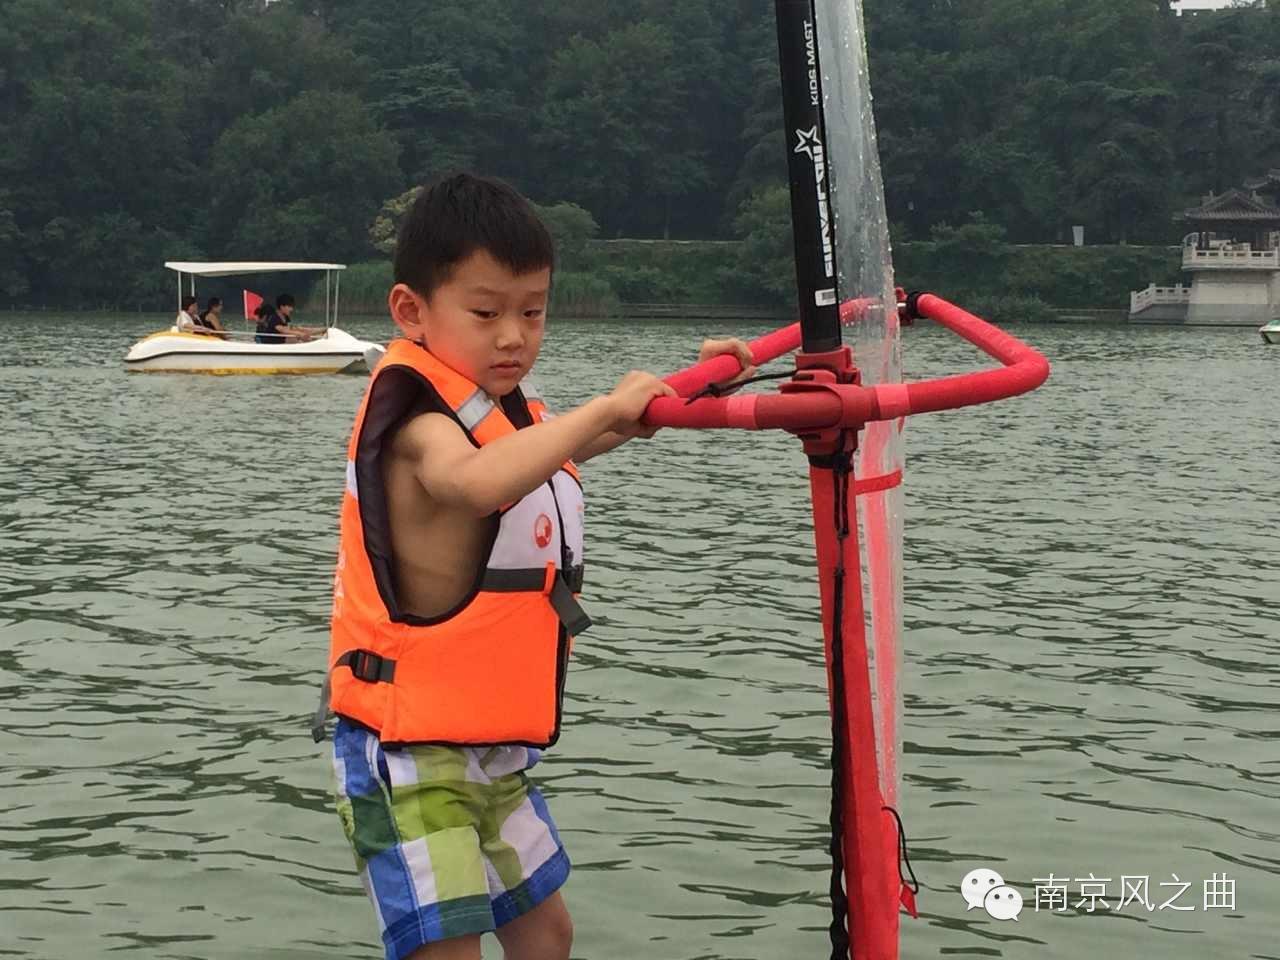 长三角,帆船 2015年江苏航海帆船夏令营之一南京风之曲 77cb9894517ac04ae35e869617ada5b9.jpg